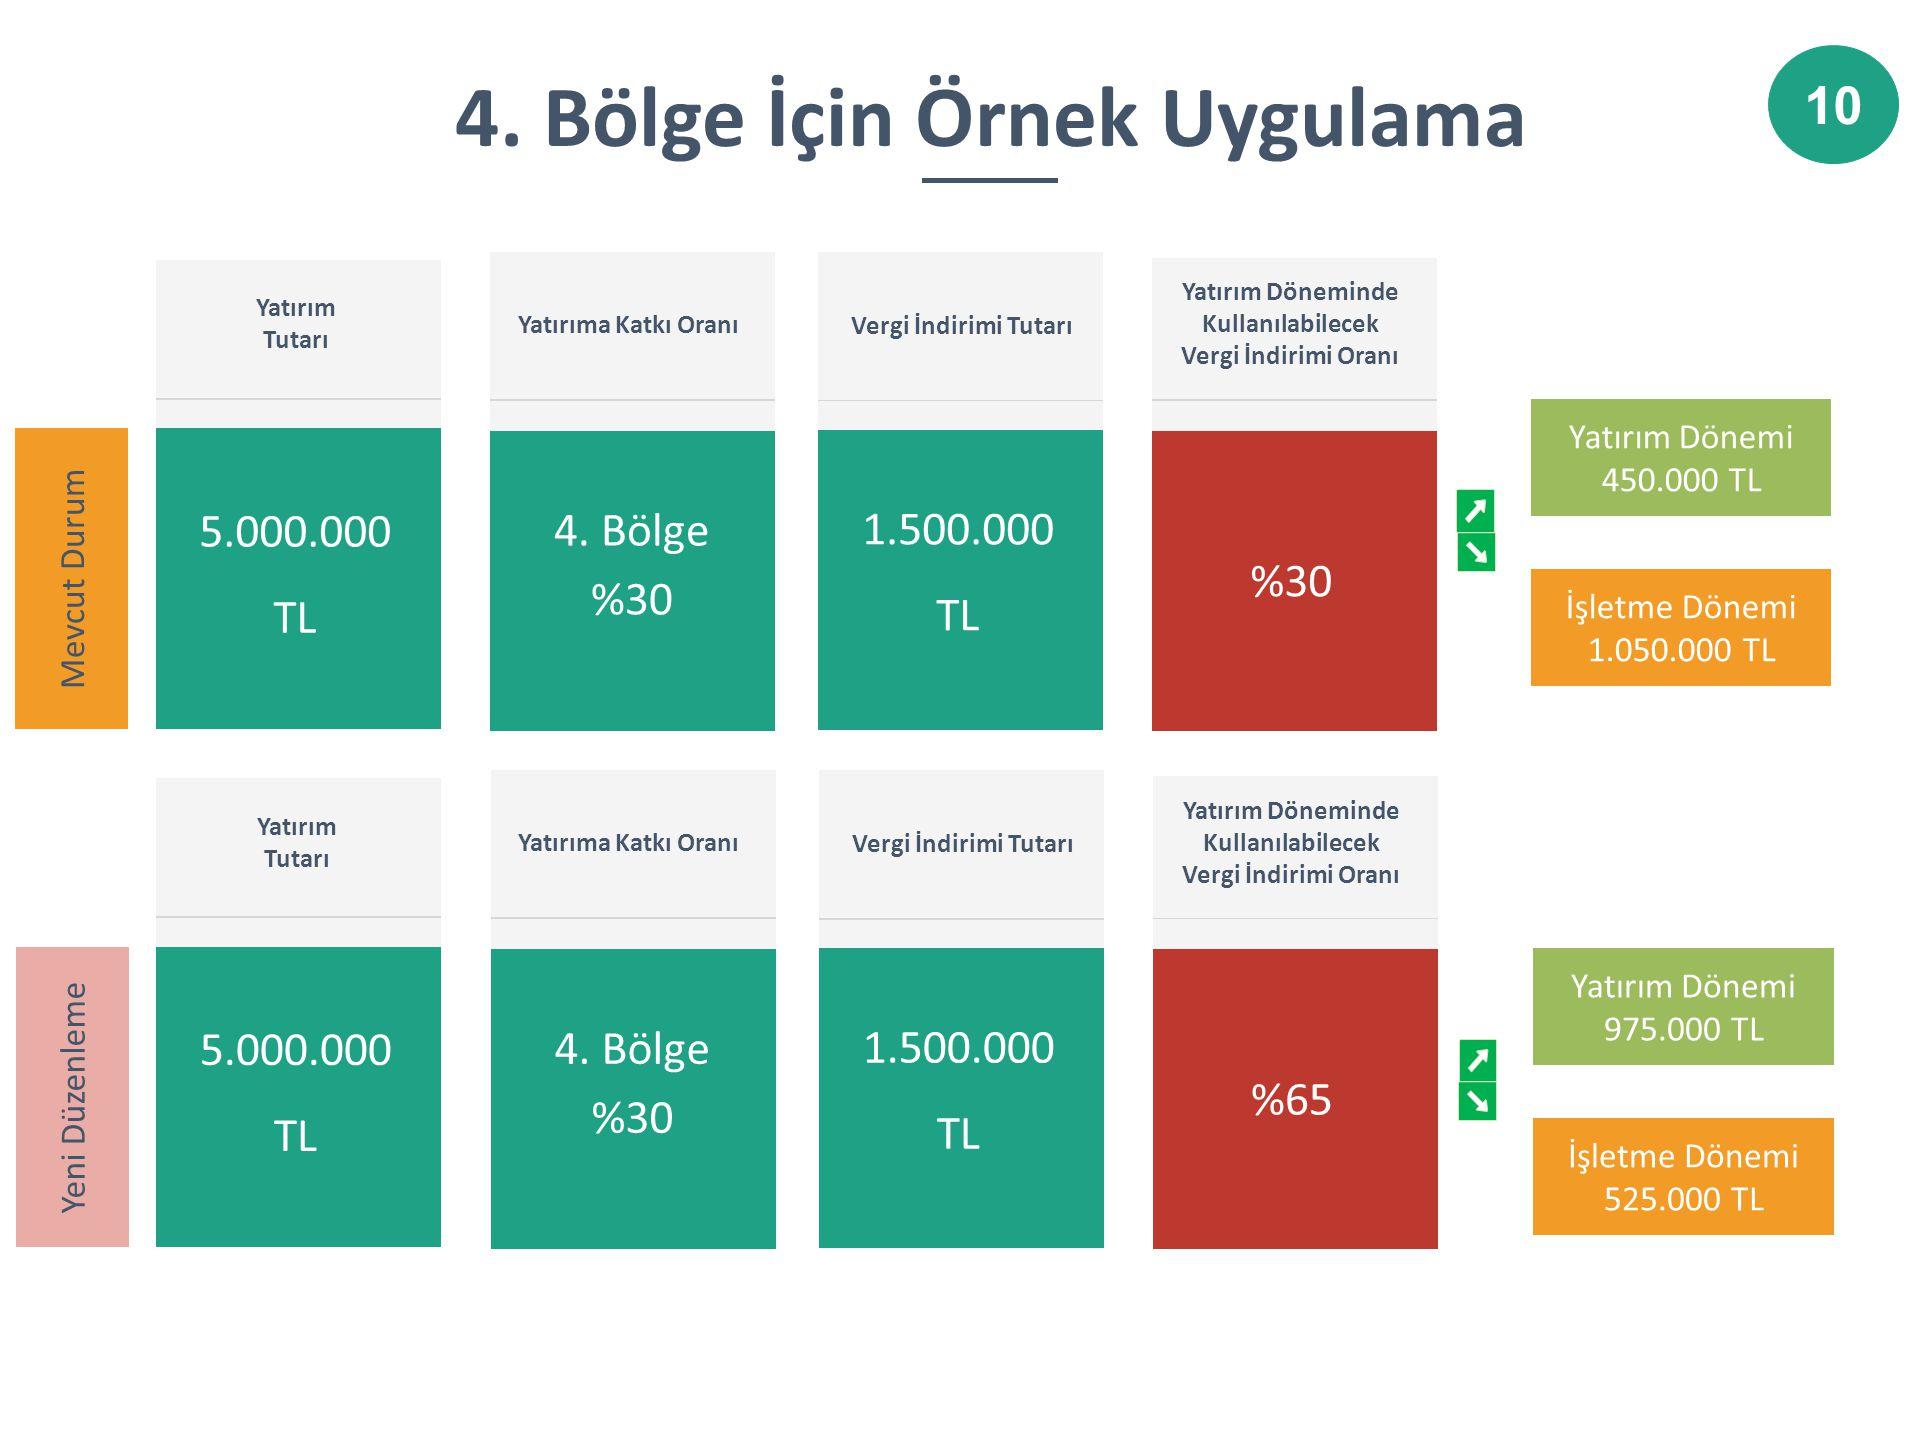 5 Yatırım Dönemi 450.000 TL İşletme Dönemi 1.050.000 TL 4.